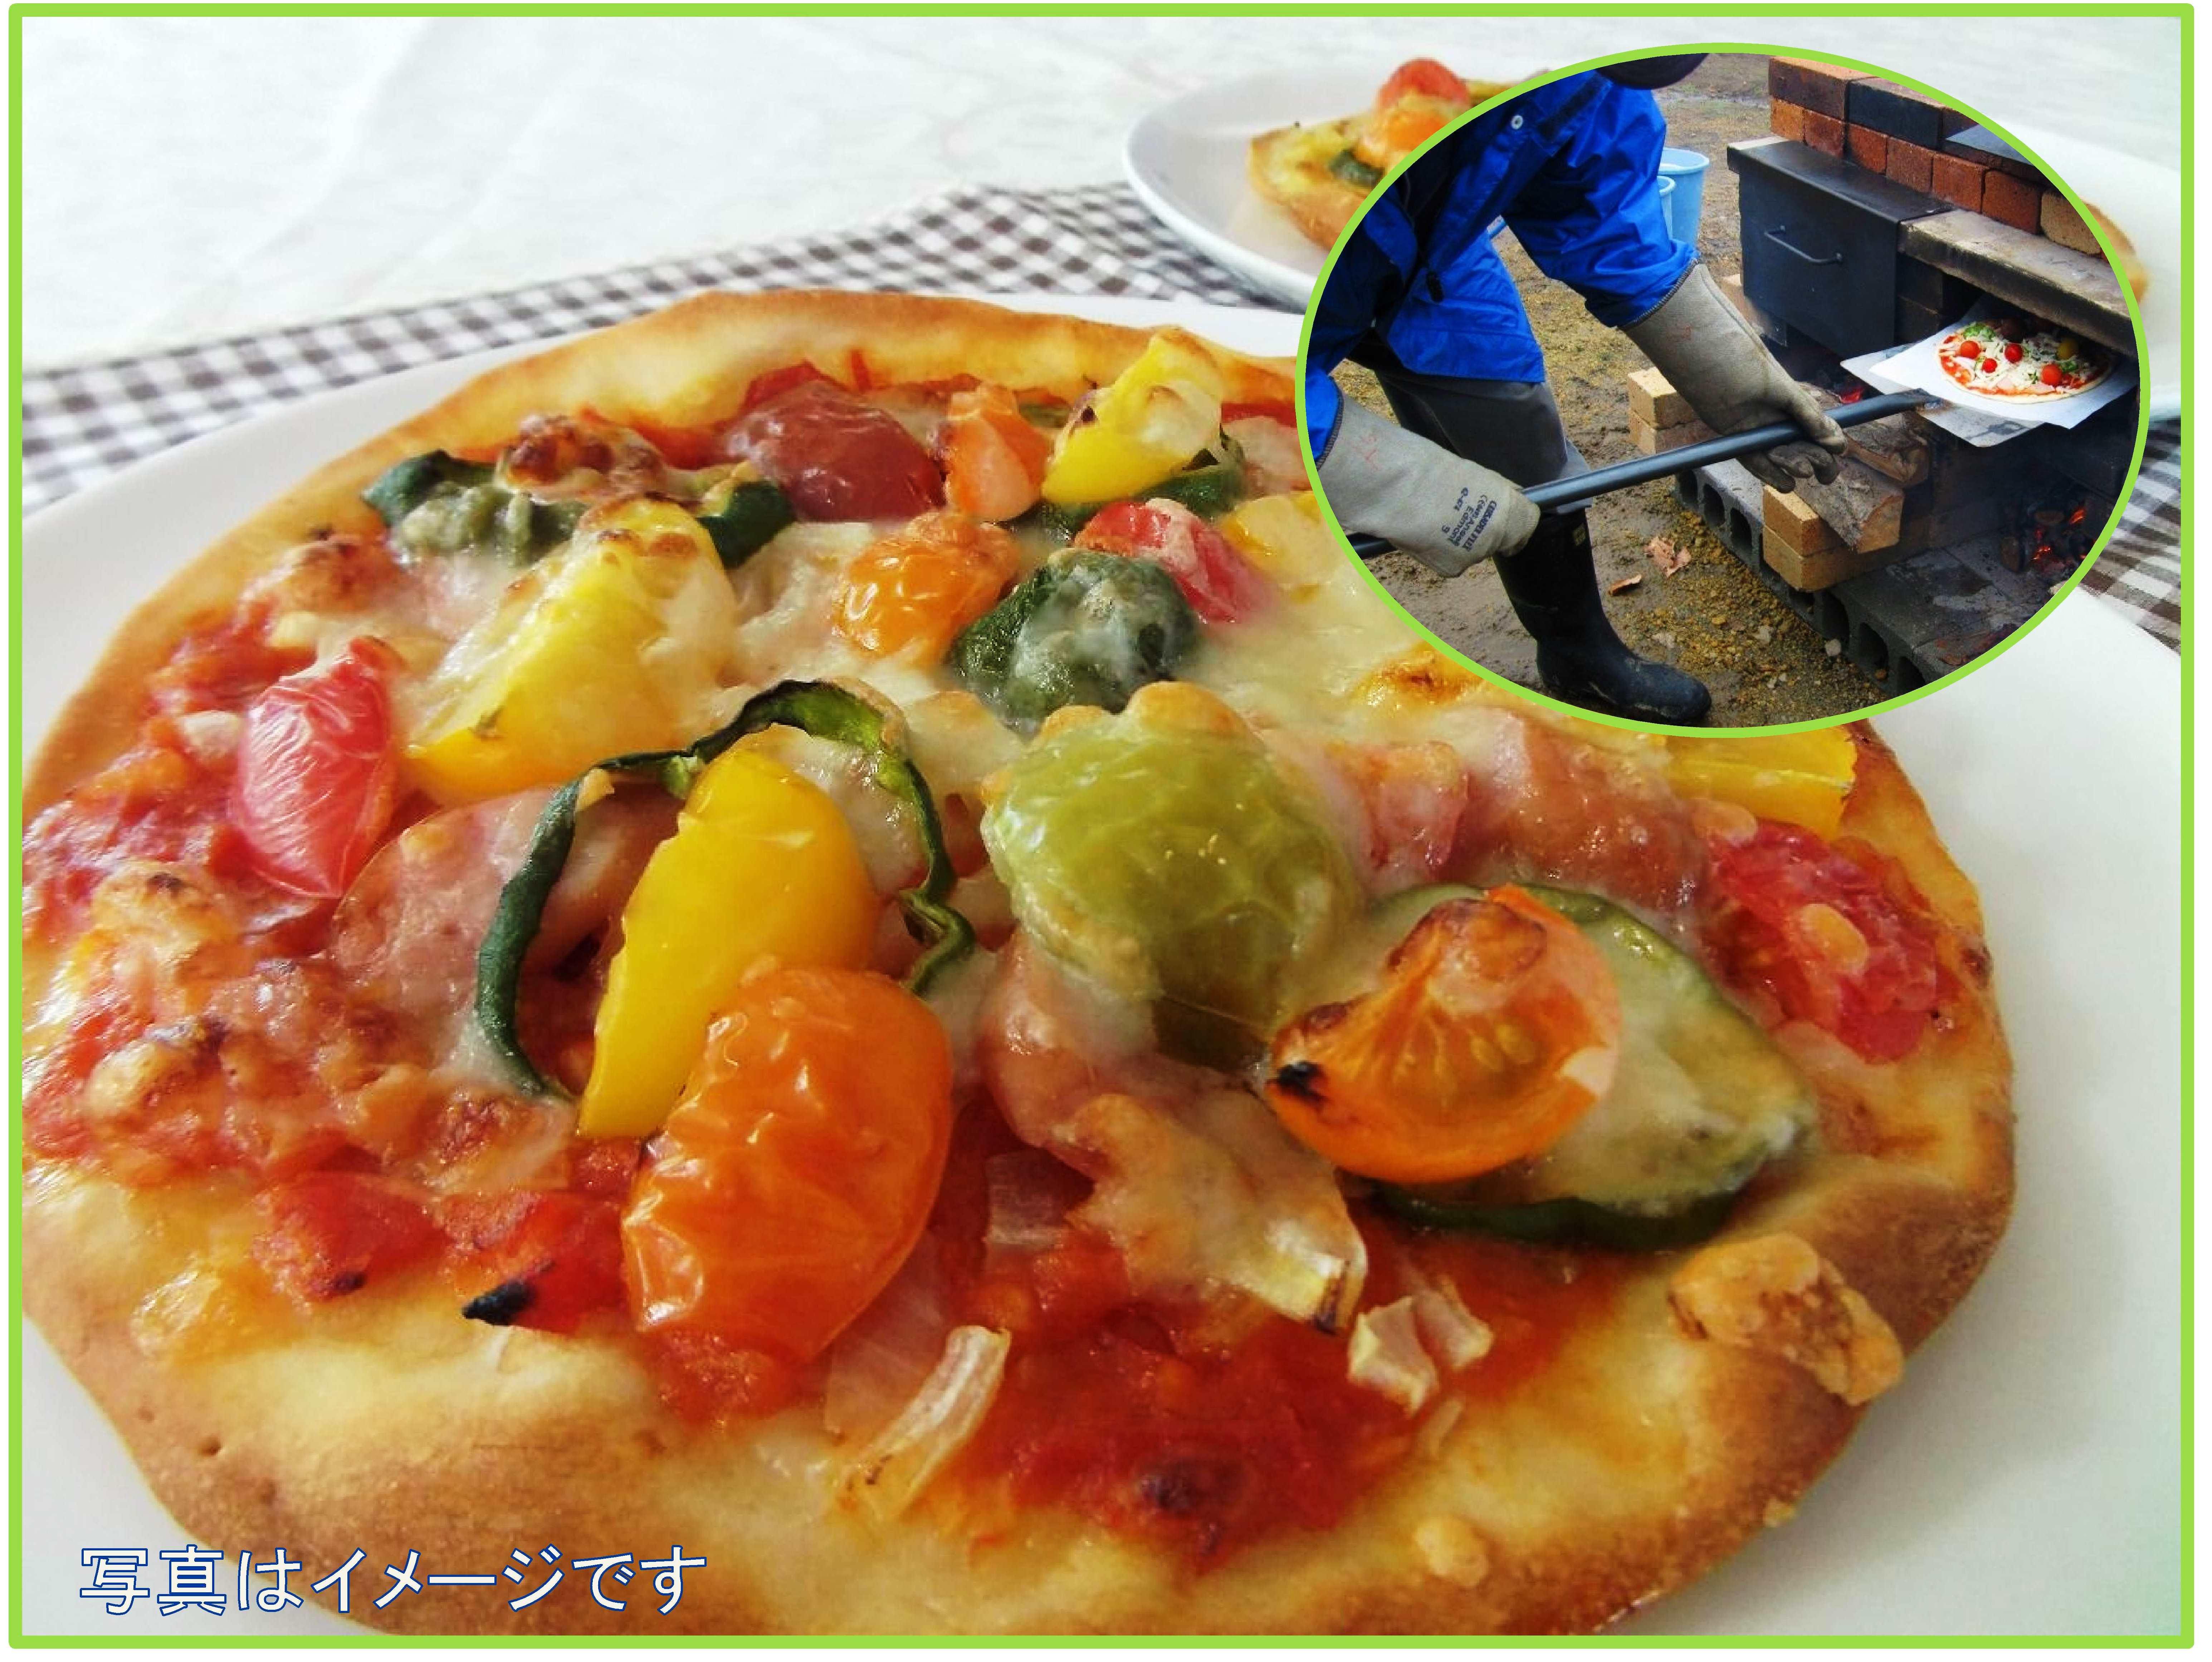 【JUNE FOOD FESTA】 旬野菜を収穫して窯焼きピザを作ろう